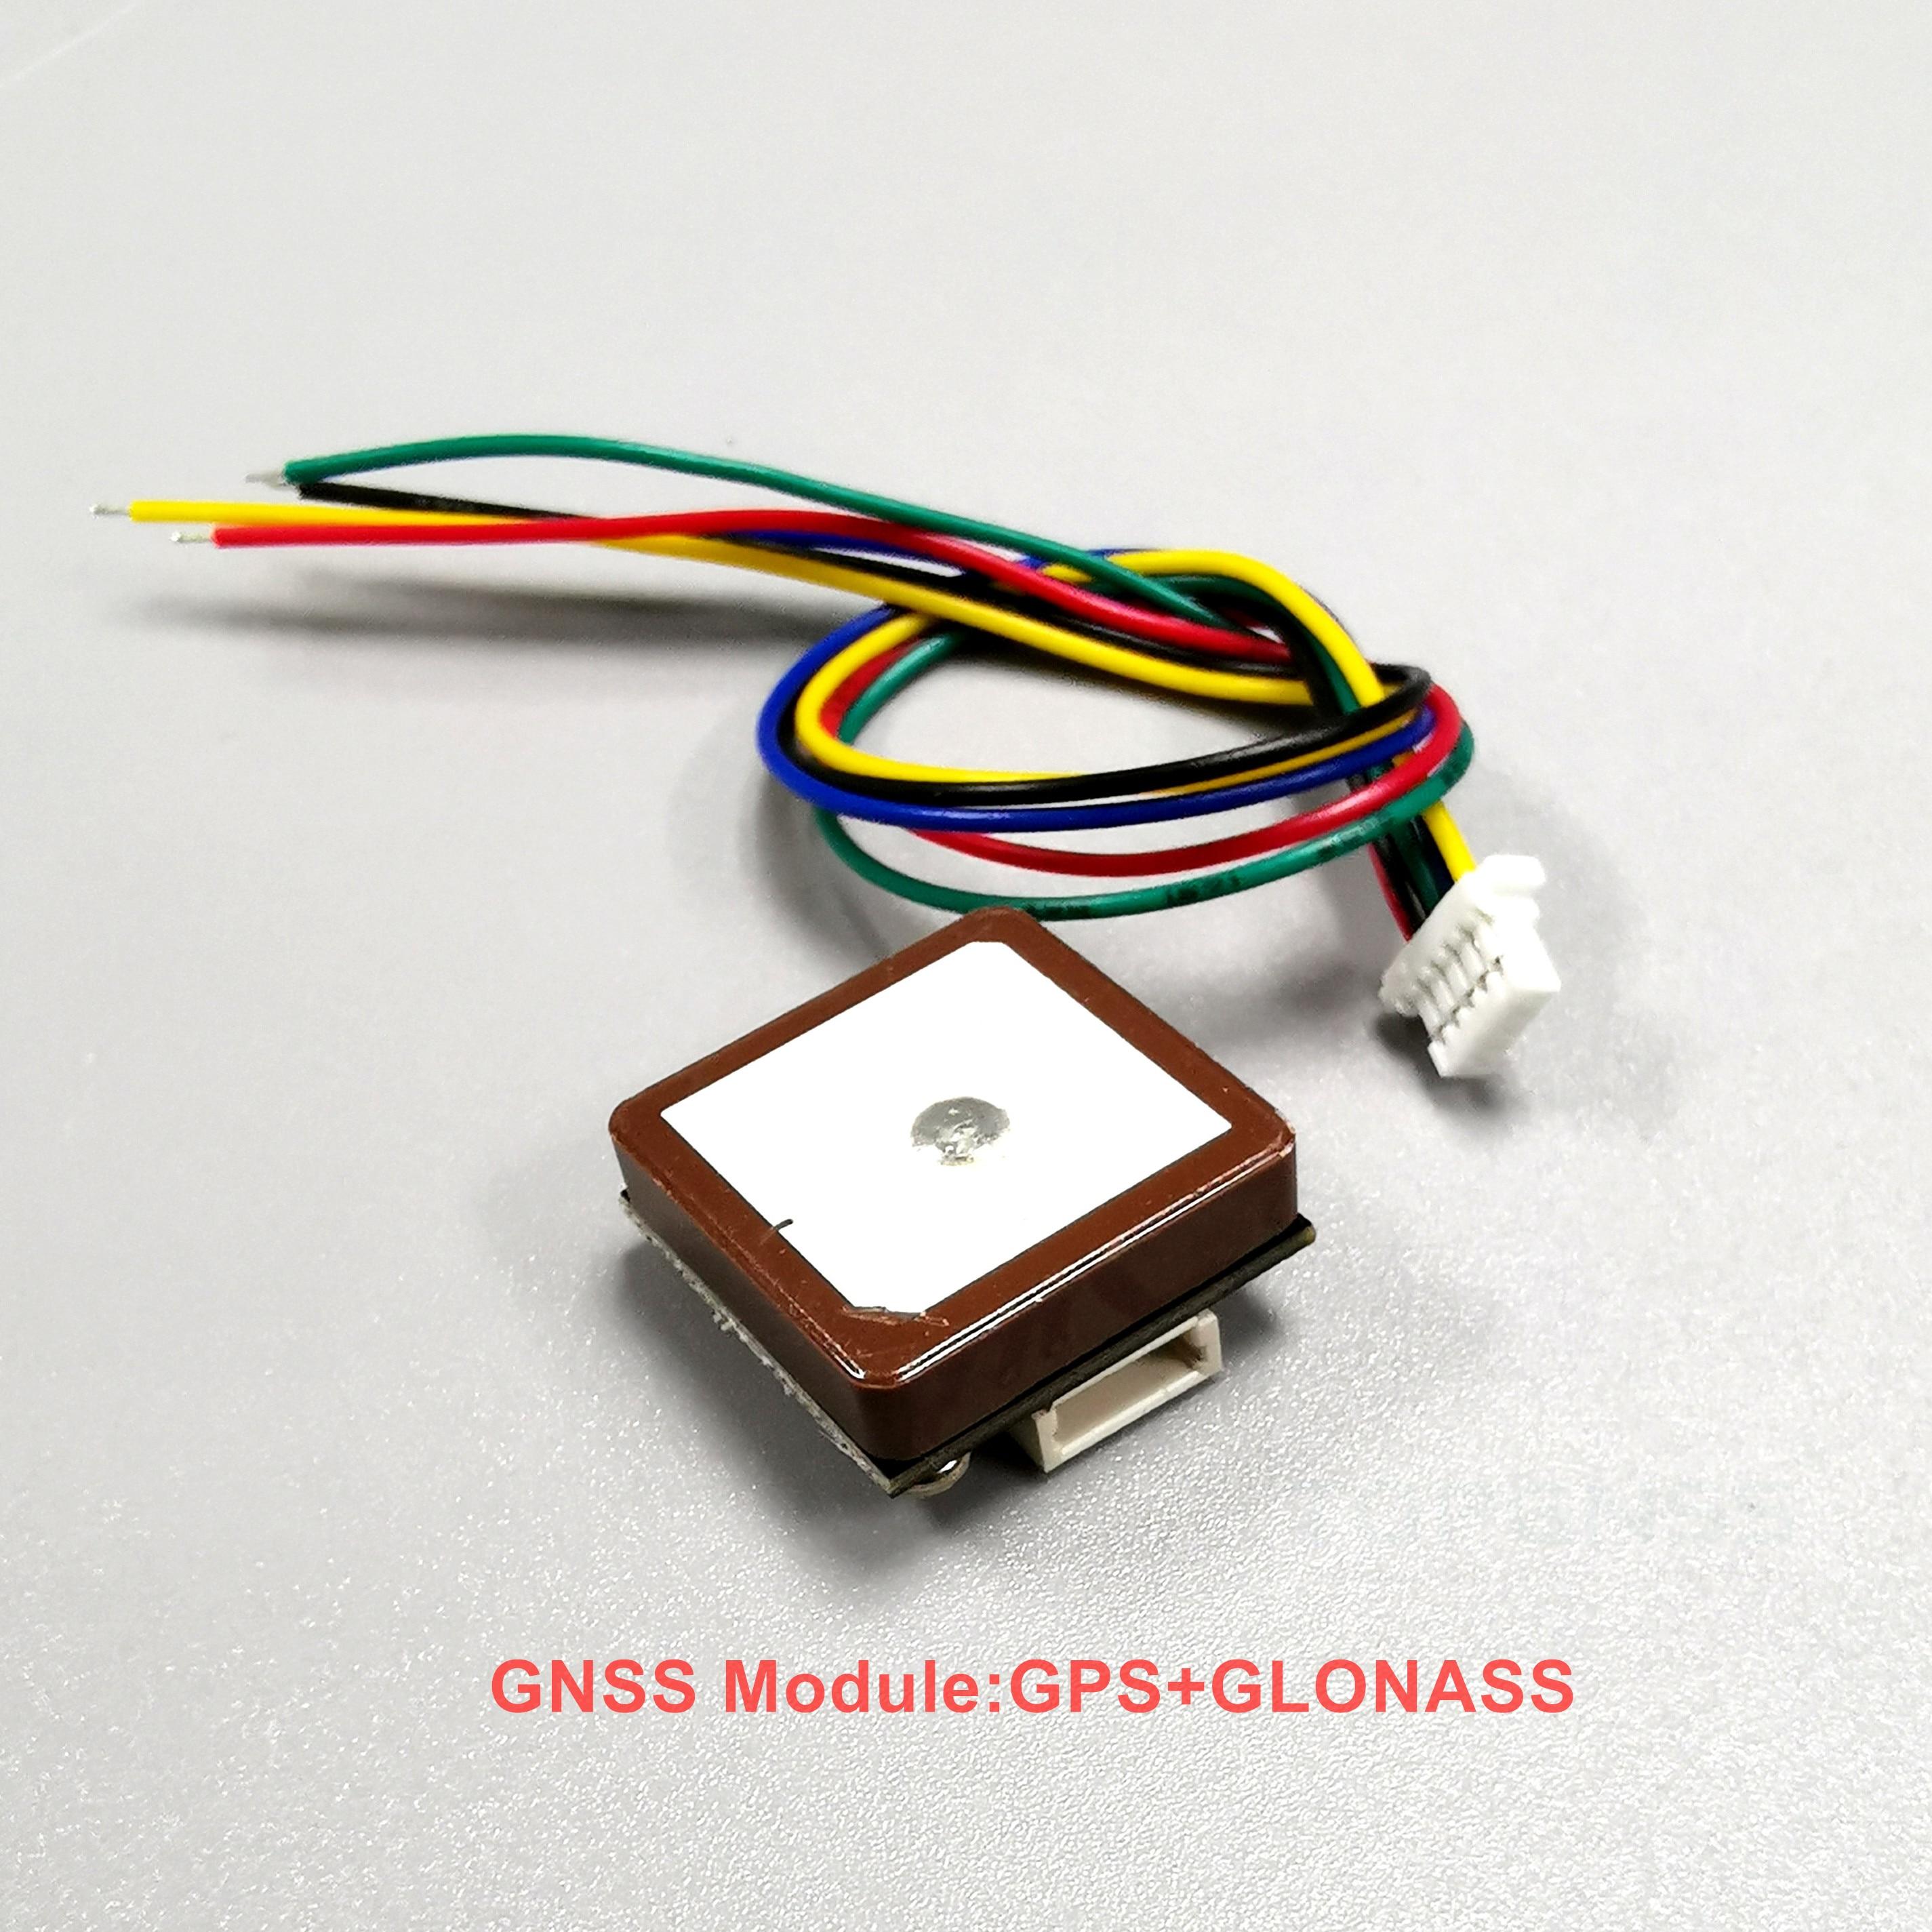 Kleine größe GNSS GPS GLONASS modul, GPS empfangen antenne, neo m8n Lösung, GNSS modul, dual GPS Modul, UART ttl-pegel, GG-1802